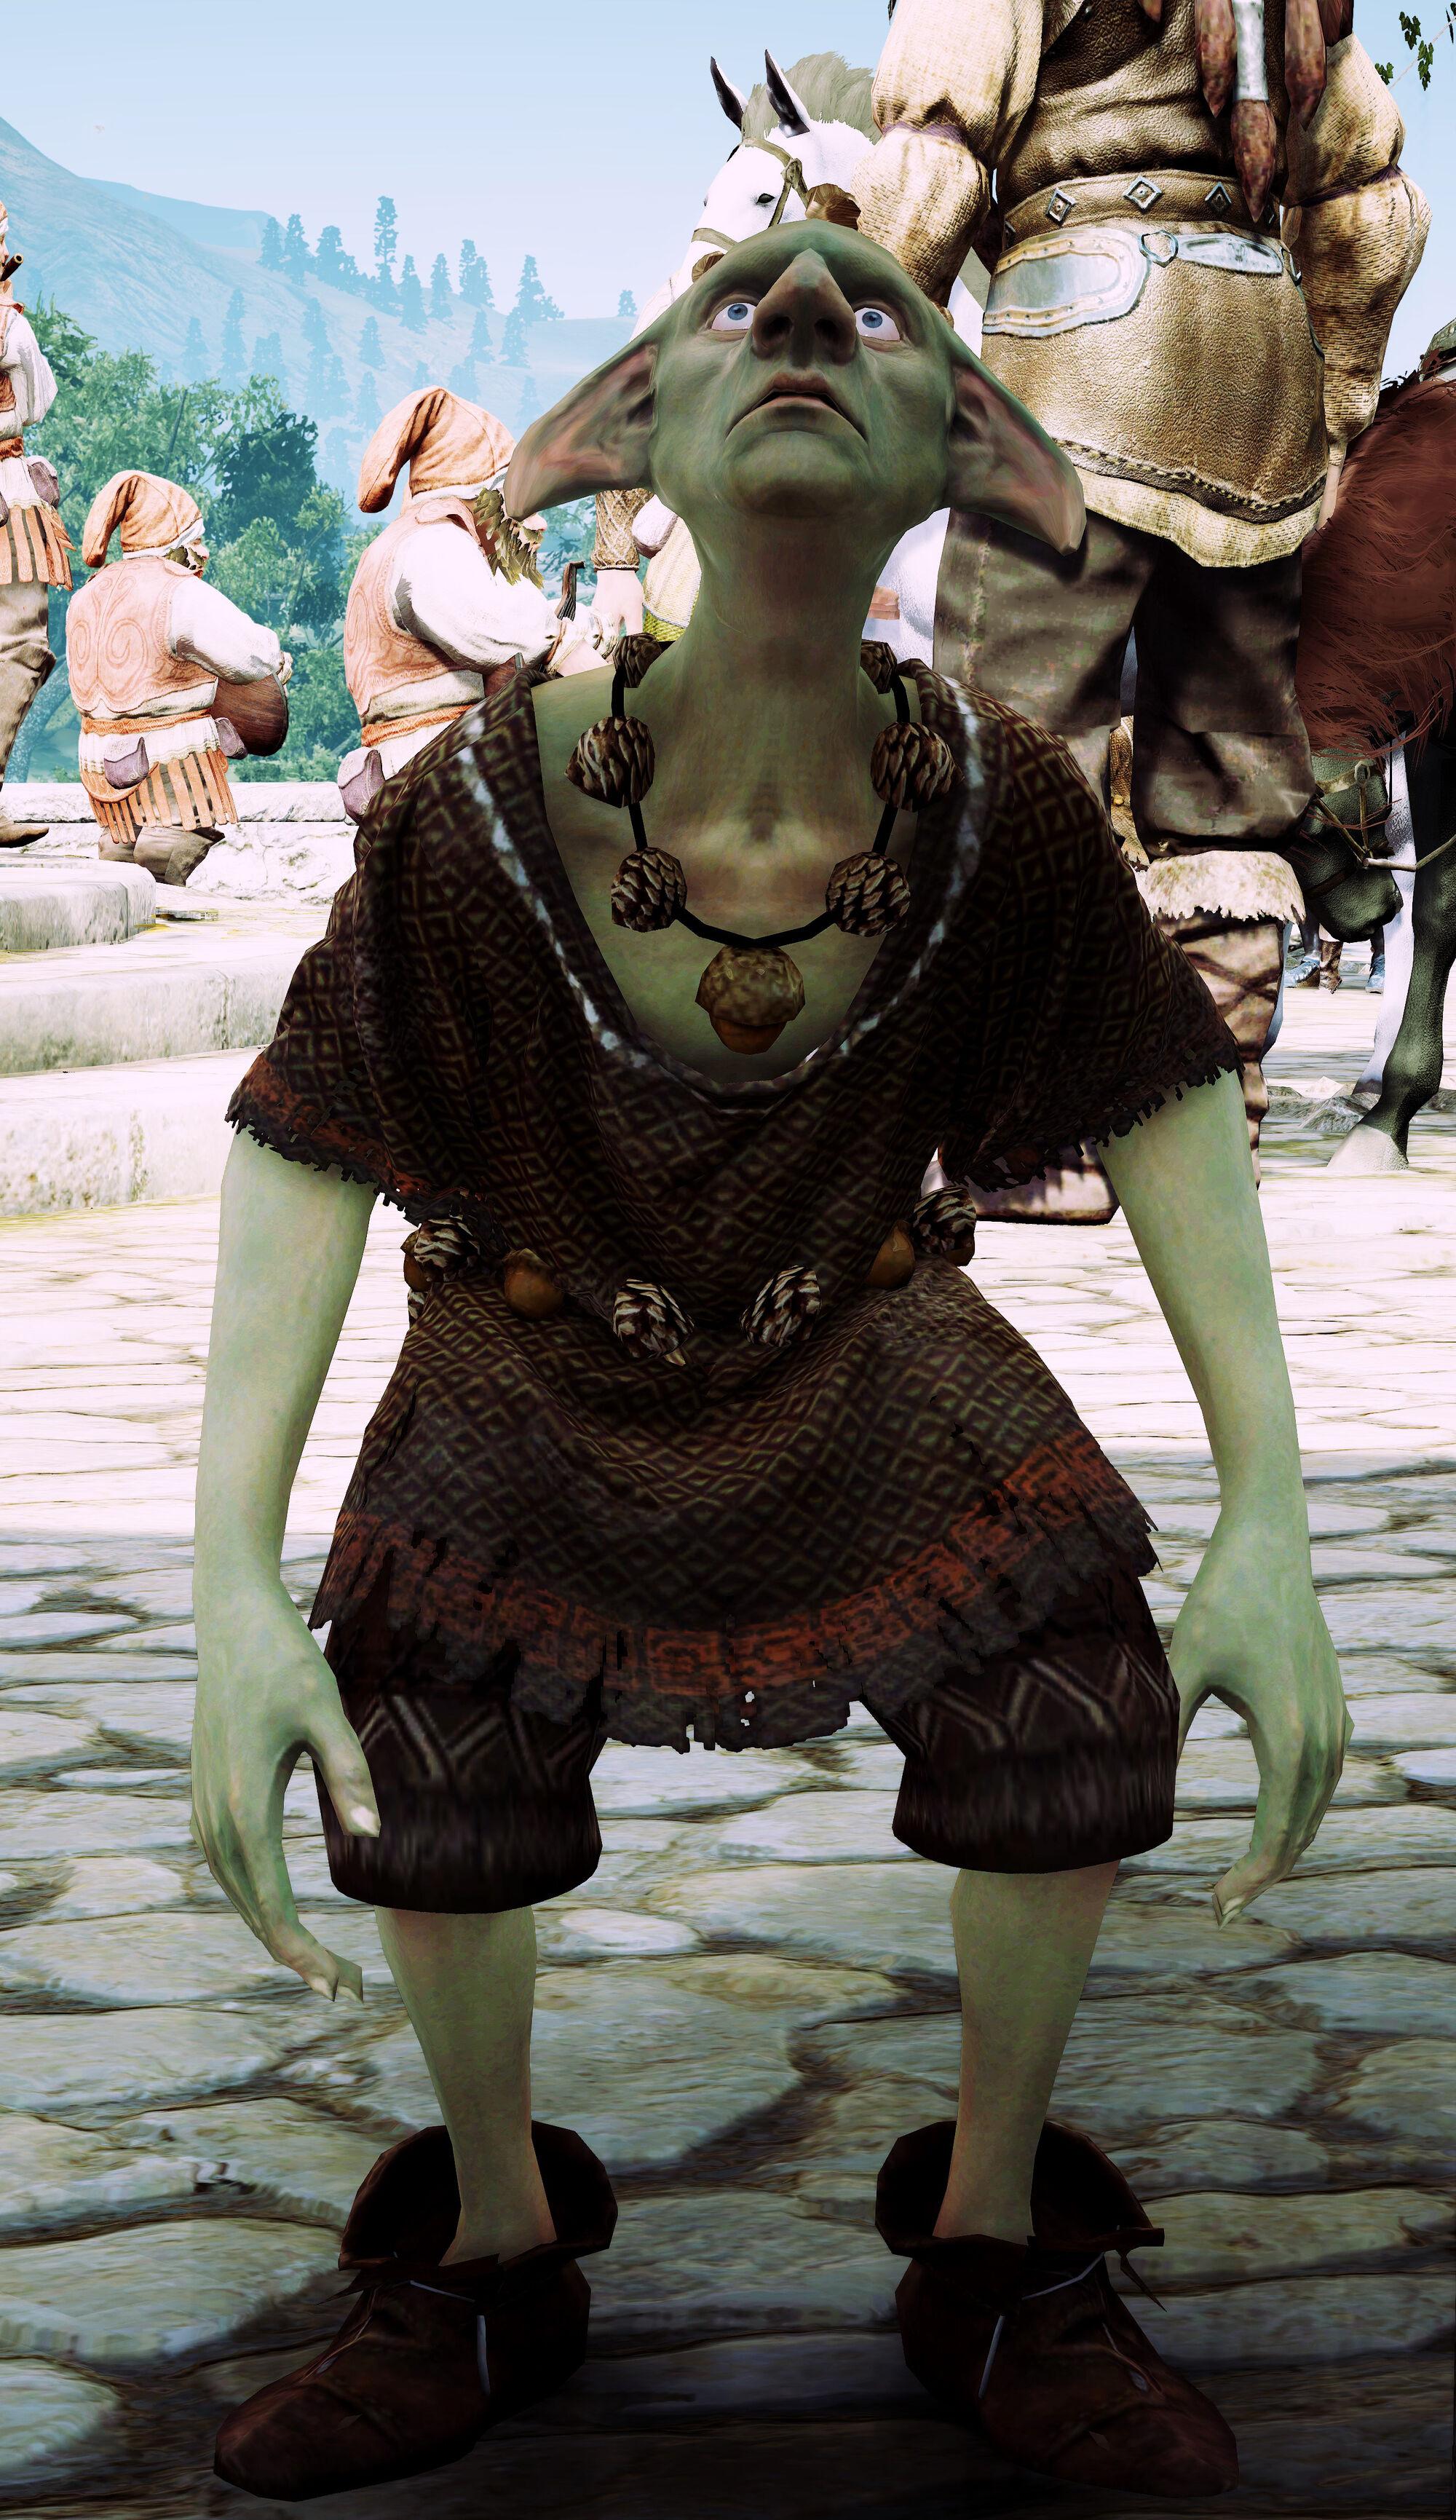 Goblin slayer bdo   Goblin Slayer (Character)  2019-03-28